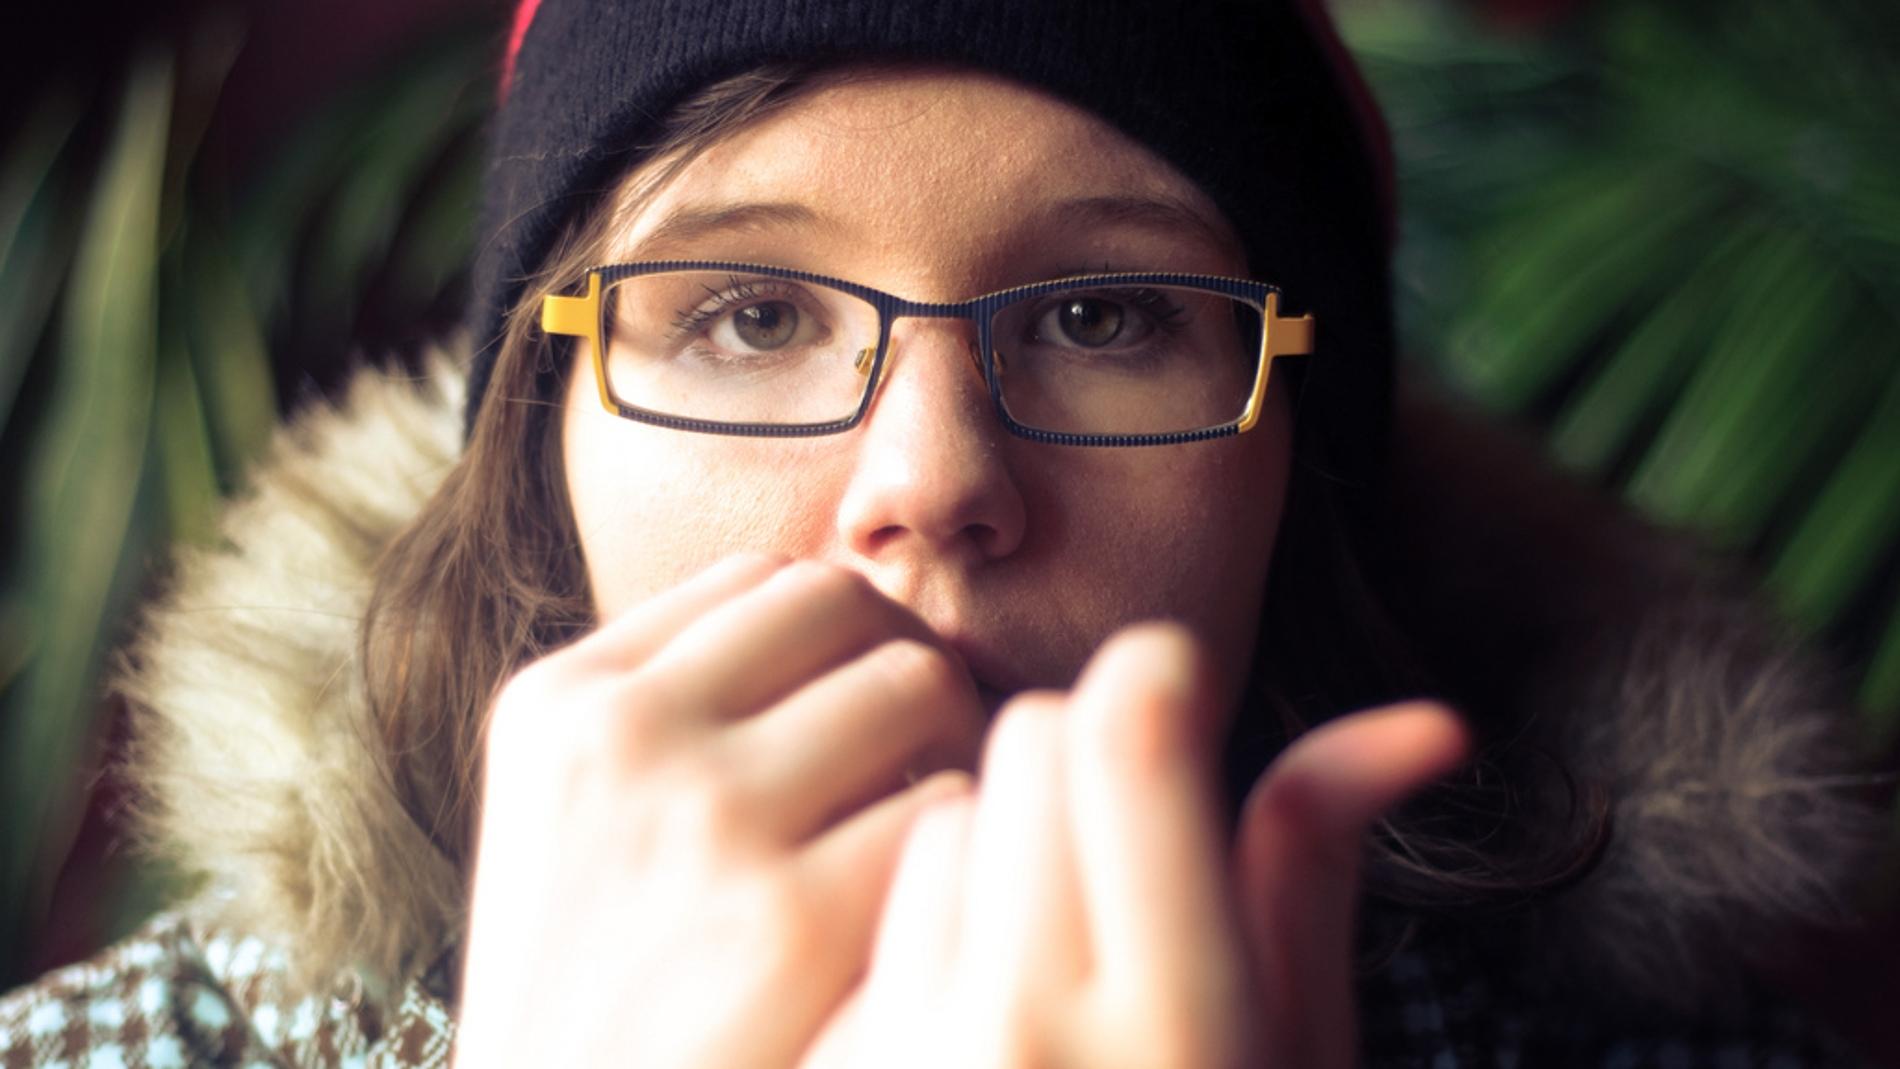 Casi la mitad de los adolescentes se muerde las uñas